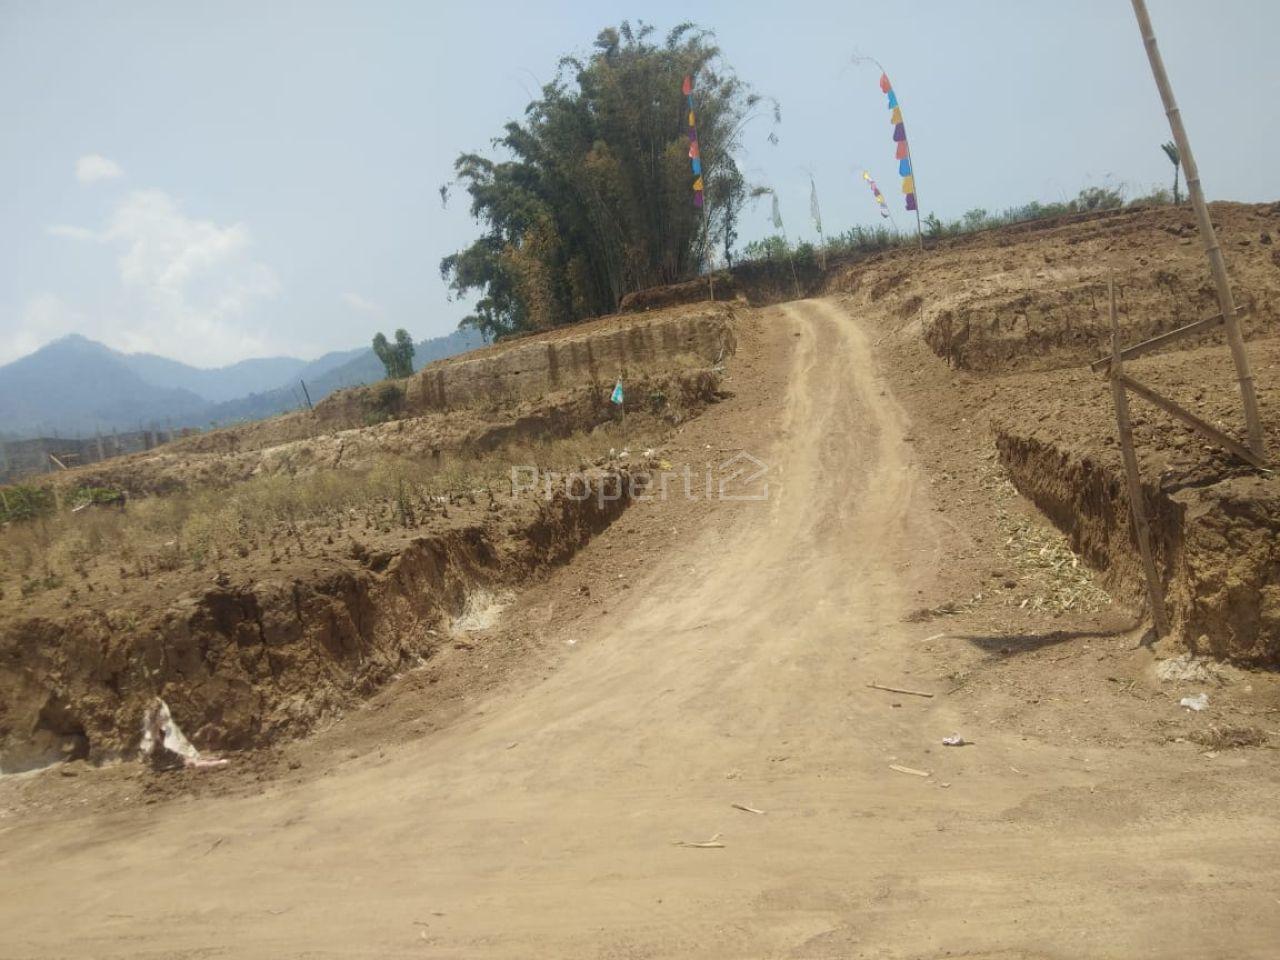 Plot Land in Around Kota Wisata Batu, Jawa Timur